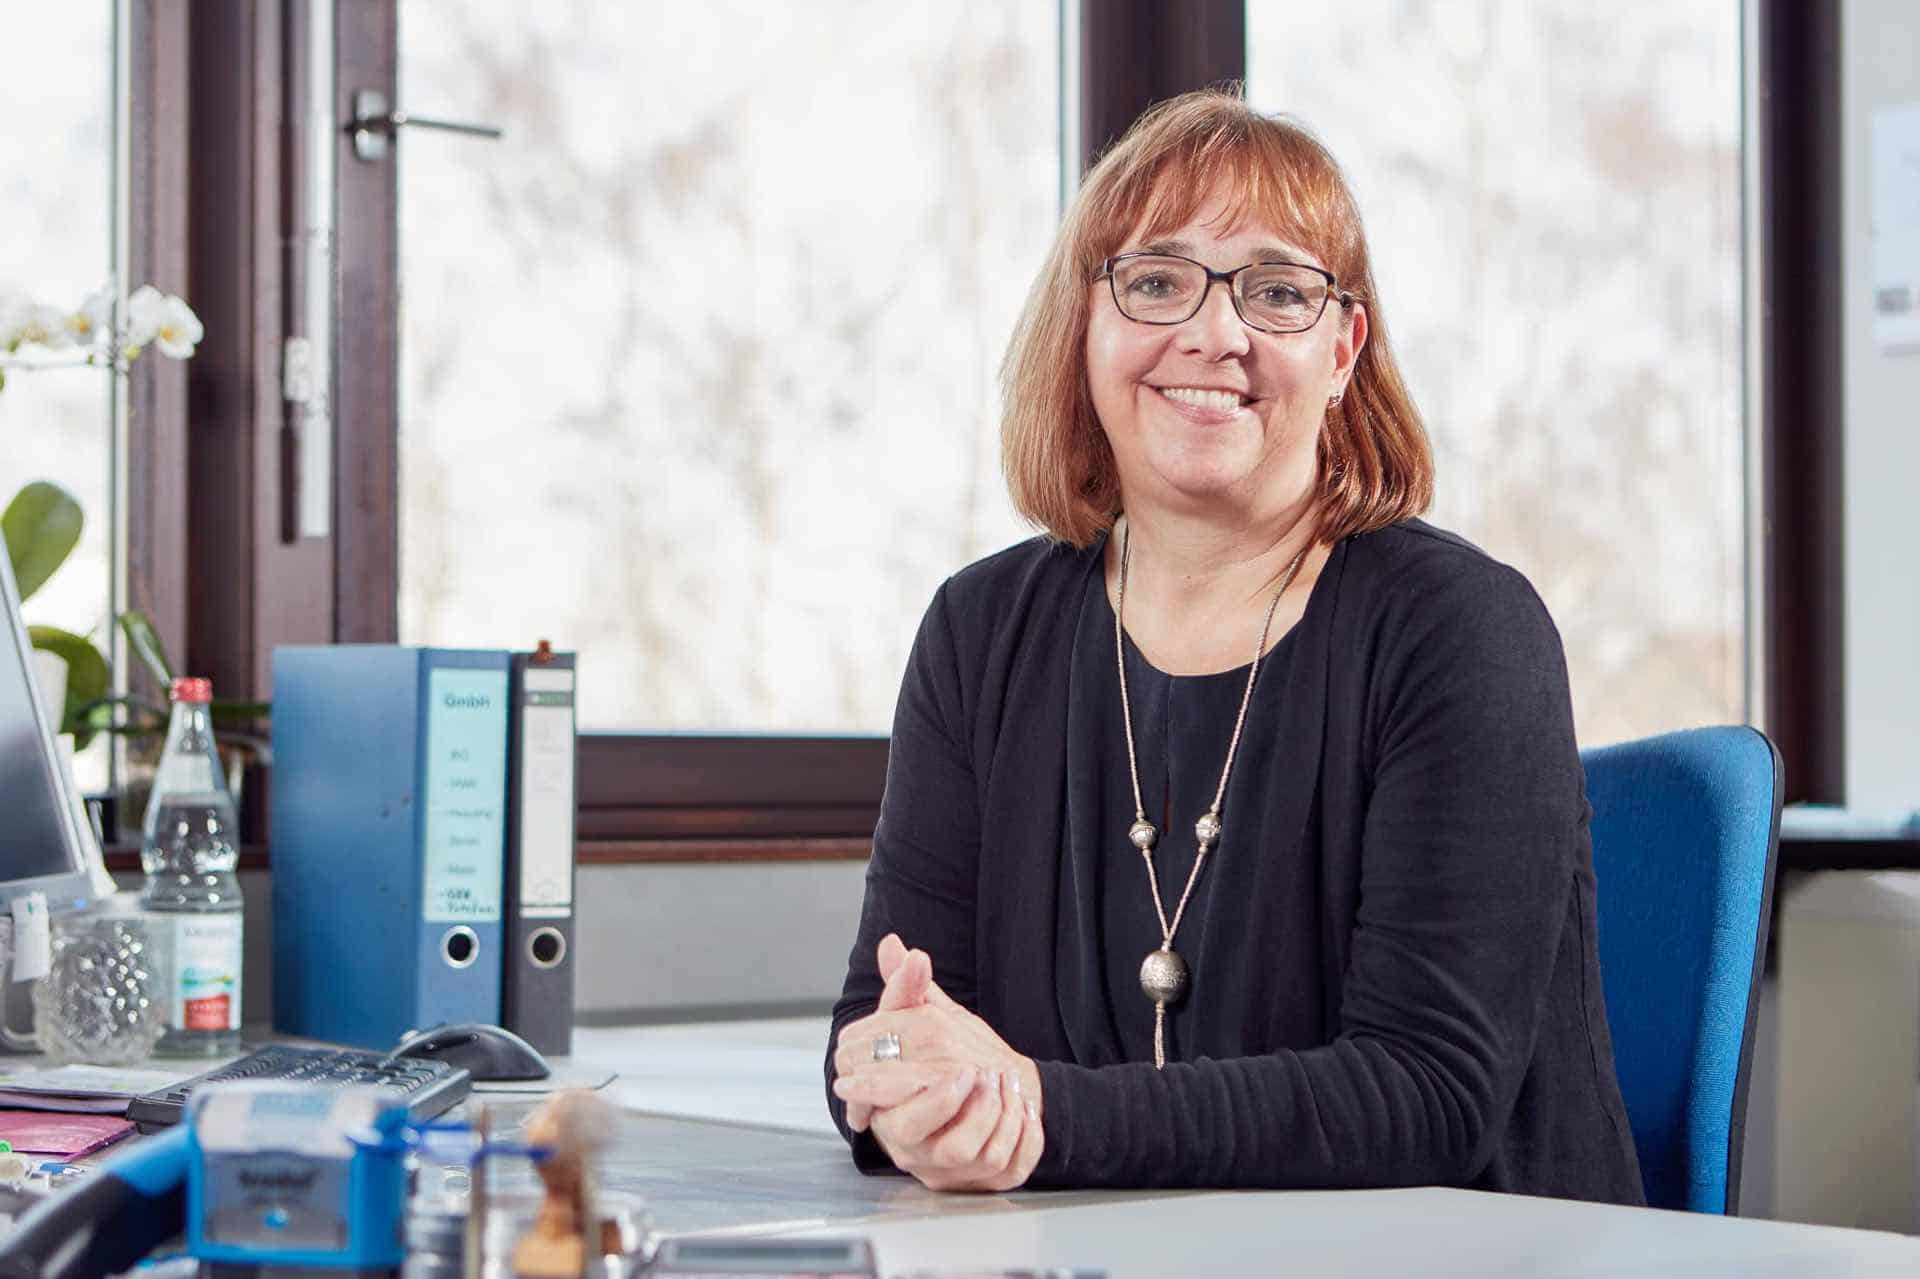 Sabine Stadler